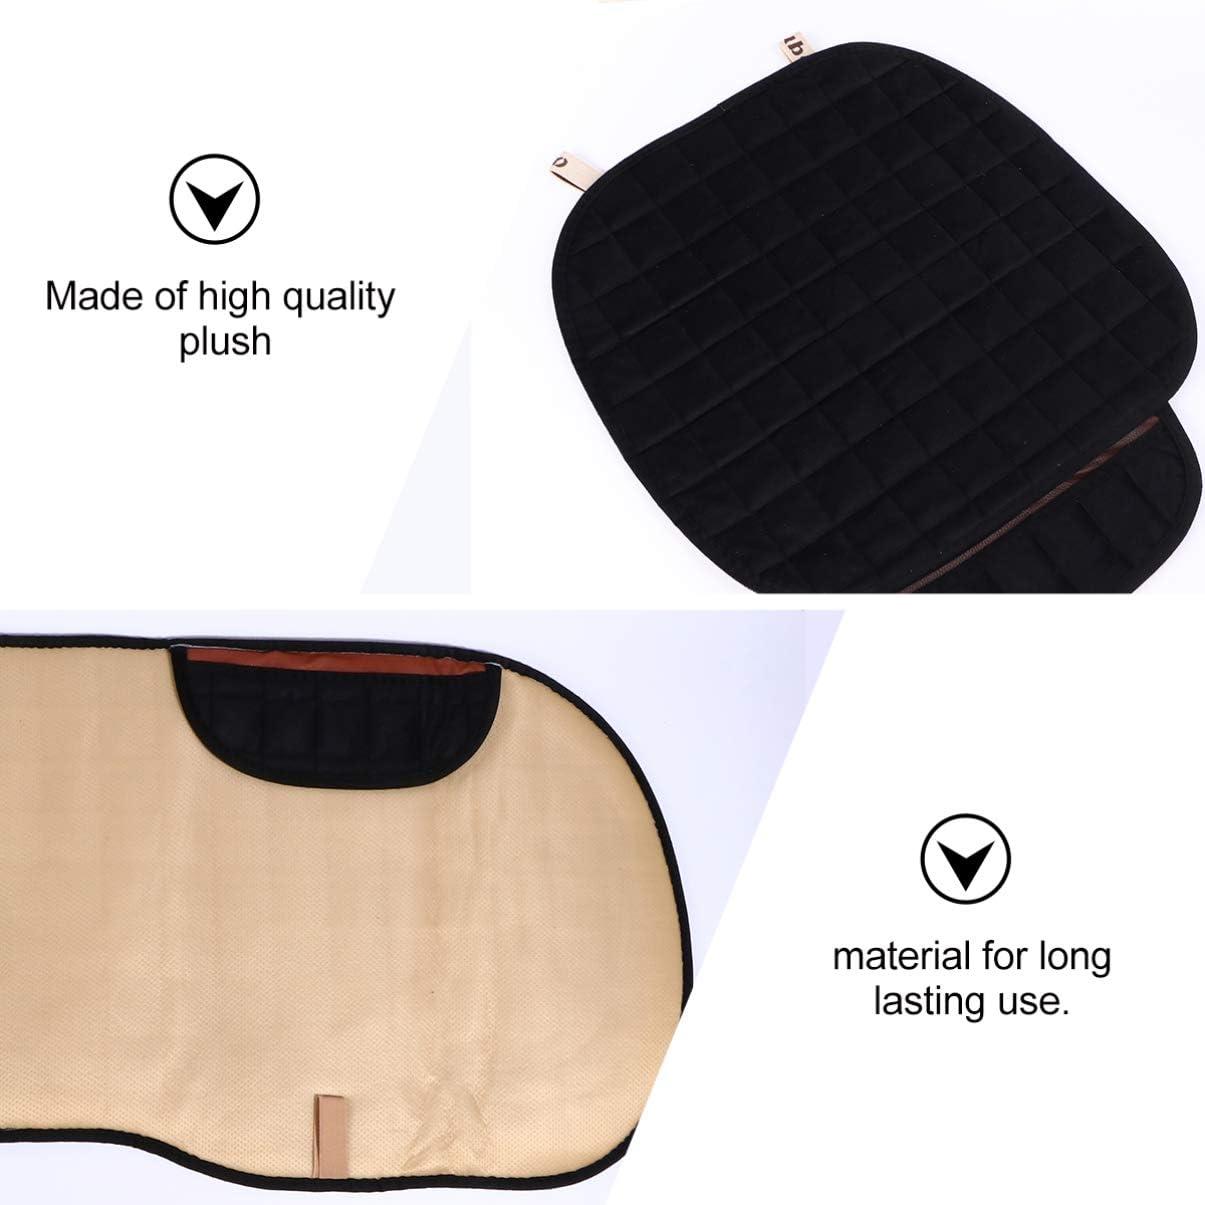 BESPORTBLE Three-Piece Car Seat Cushion Winter Non-Slip Practical Thickening Warm Plush Cushion for Car Office Home Cushion